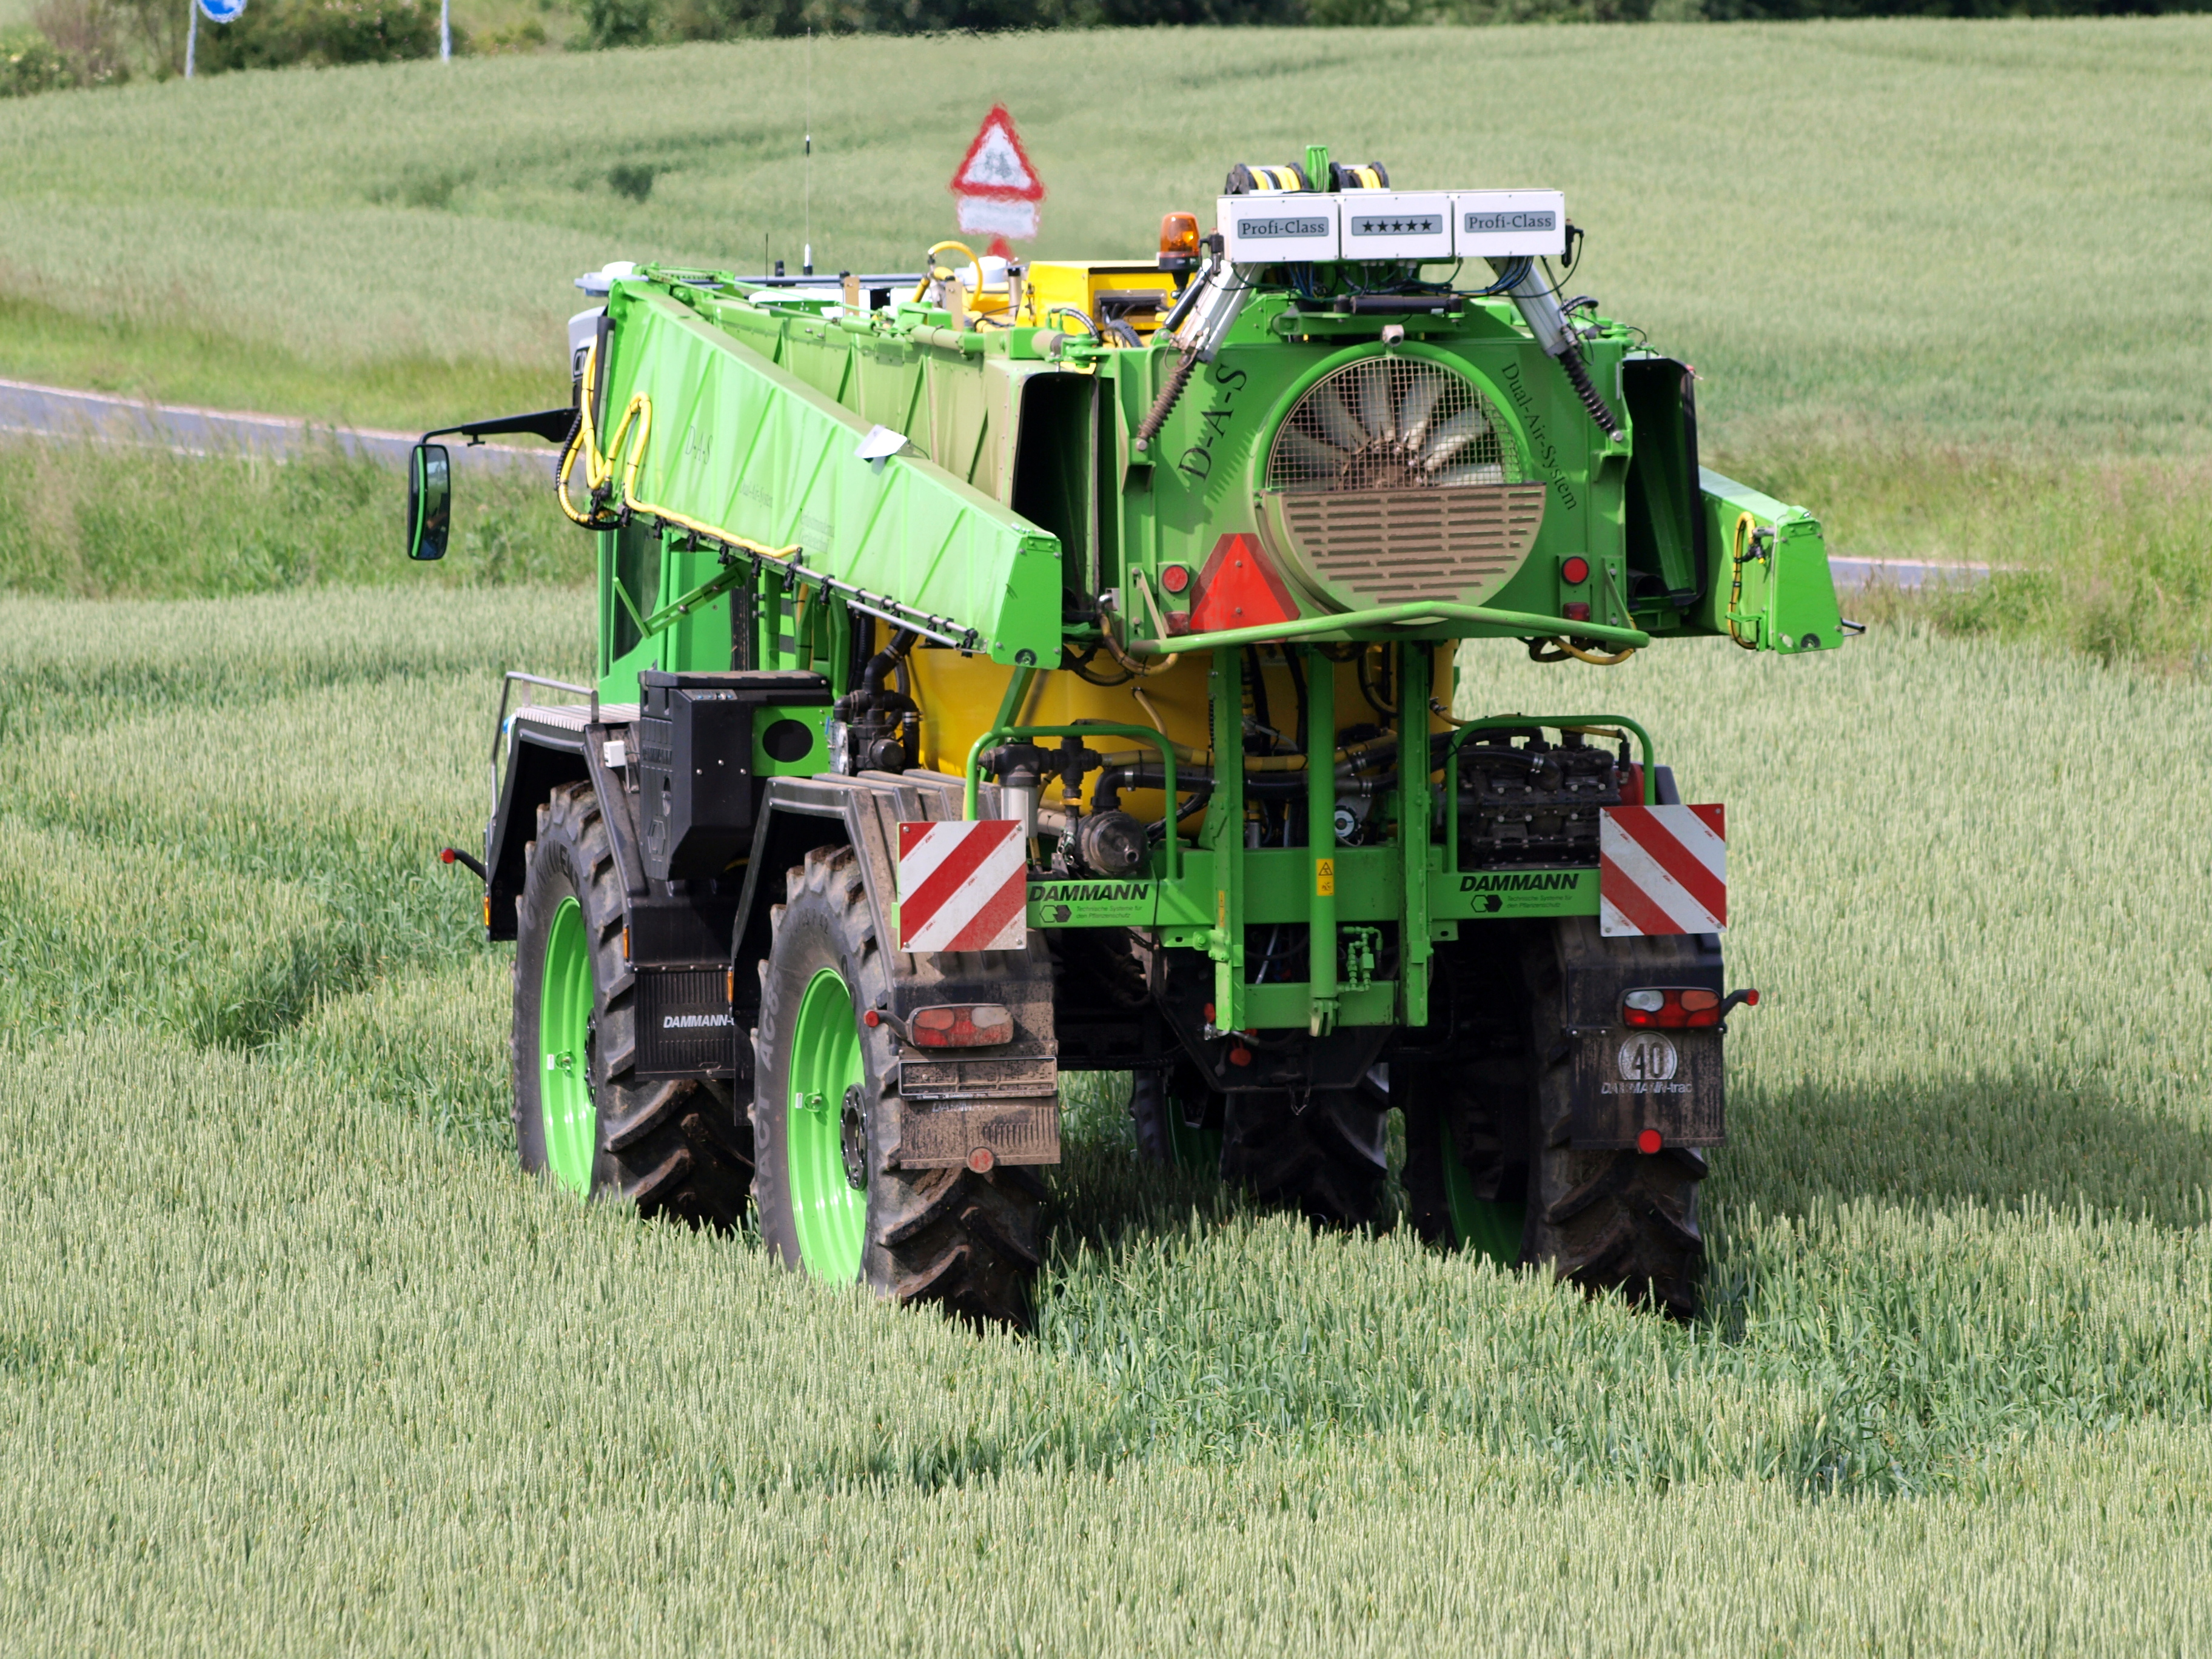 Agriculture Sprayers